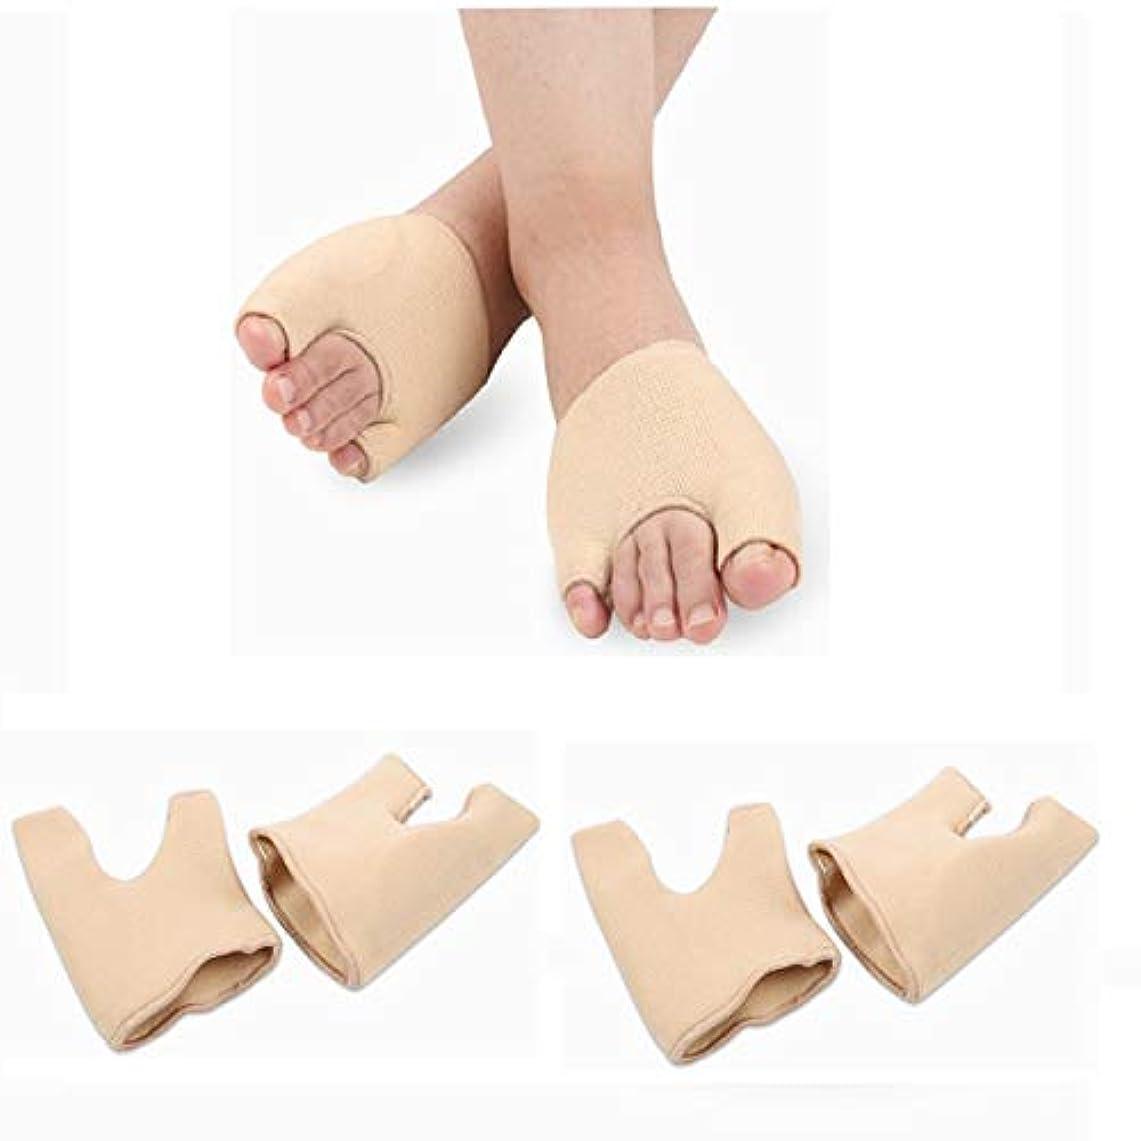 ワードローブ素朴な粉砕するHellery 2組の女性は、ブレースの袖を保護するパッド入りの外反母趾の腱膜瘤をゲル化